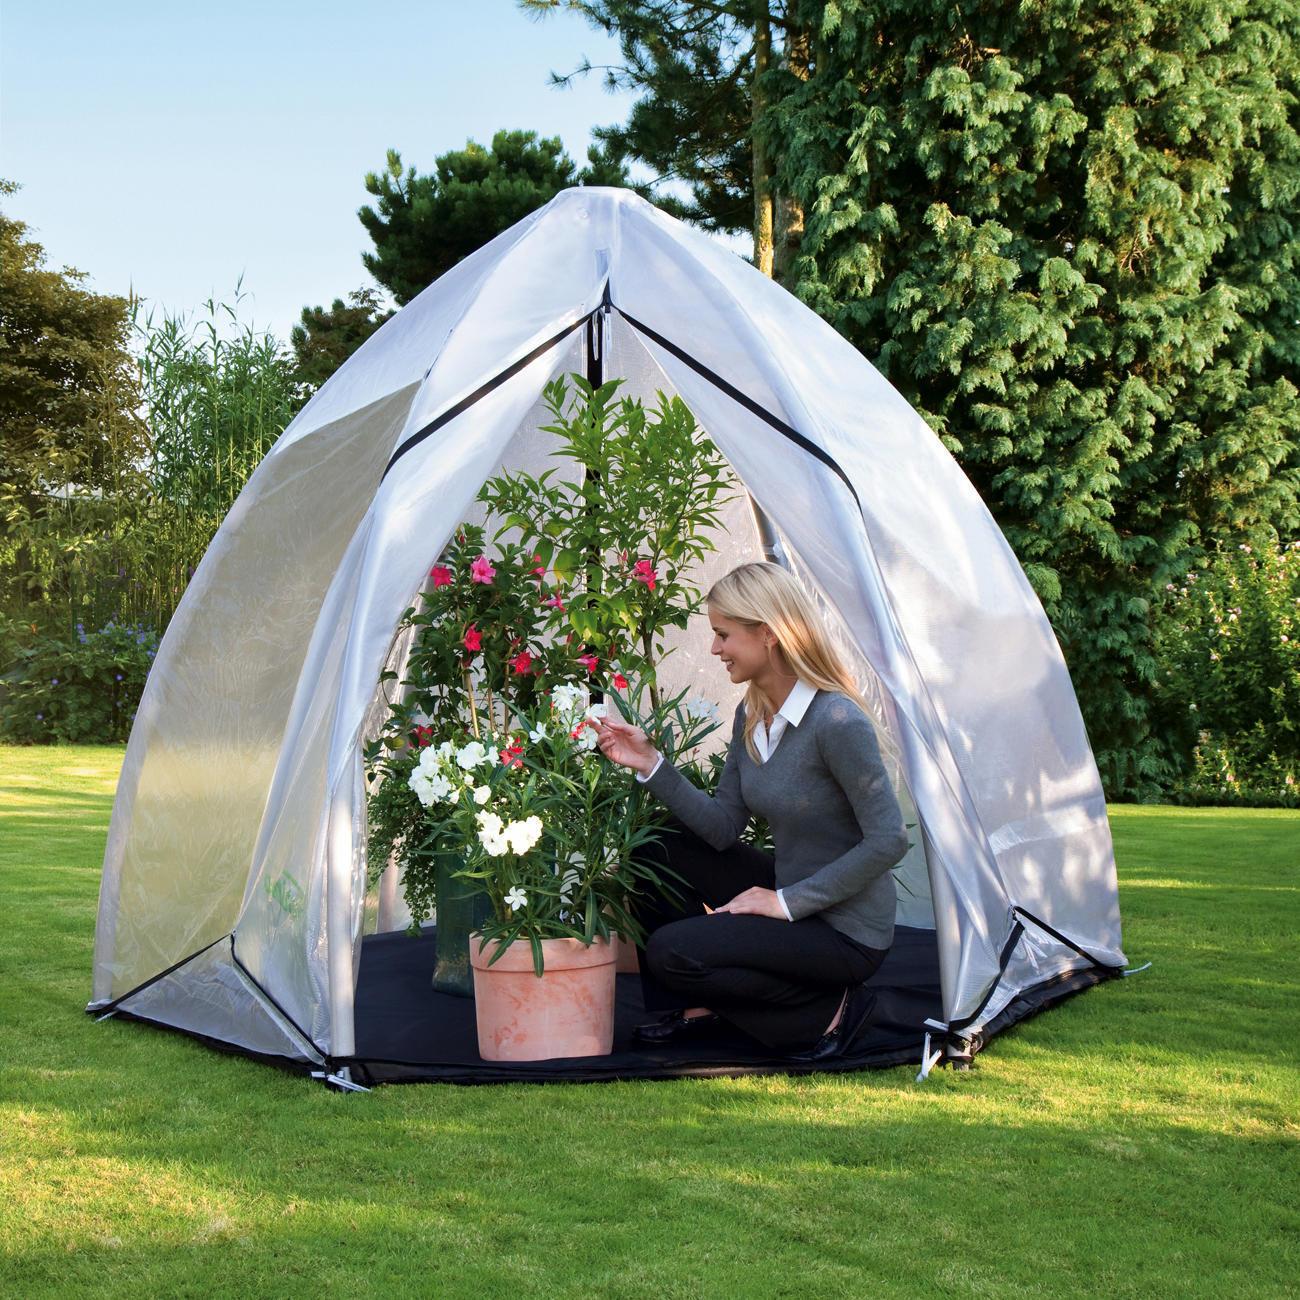 pflanzen iglu 3 jahre garantie pro idee. Black Bedroom Furniture Sets. Home Design Ideas